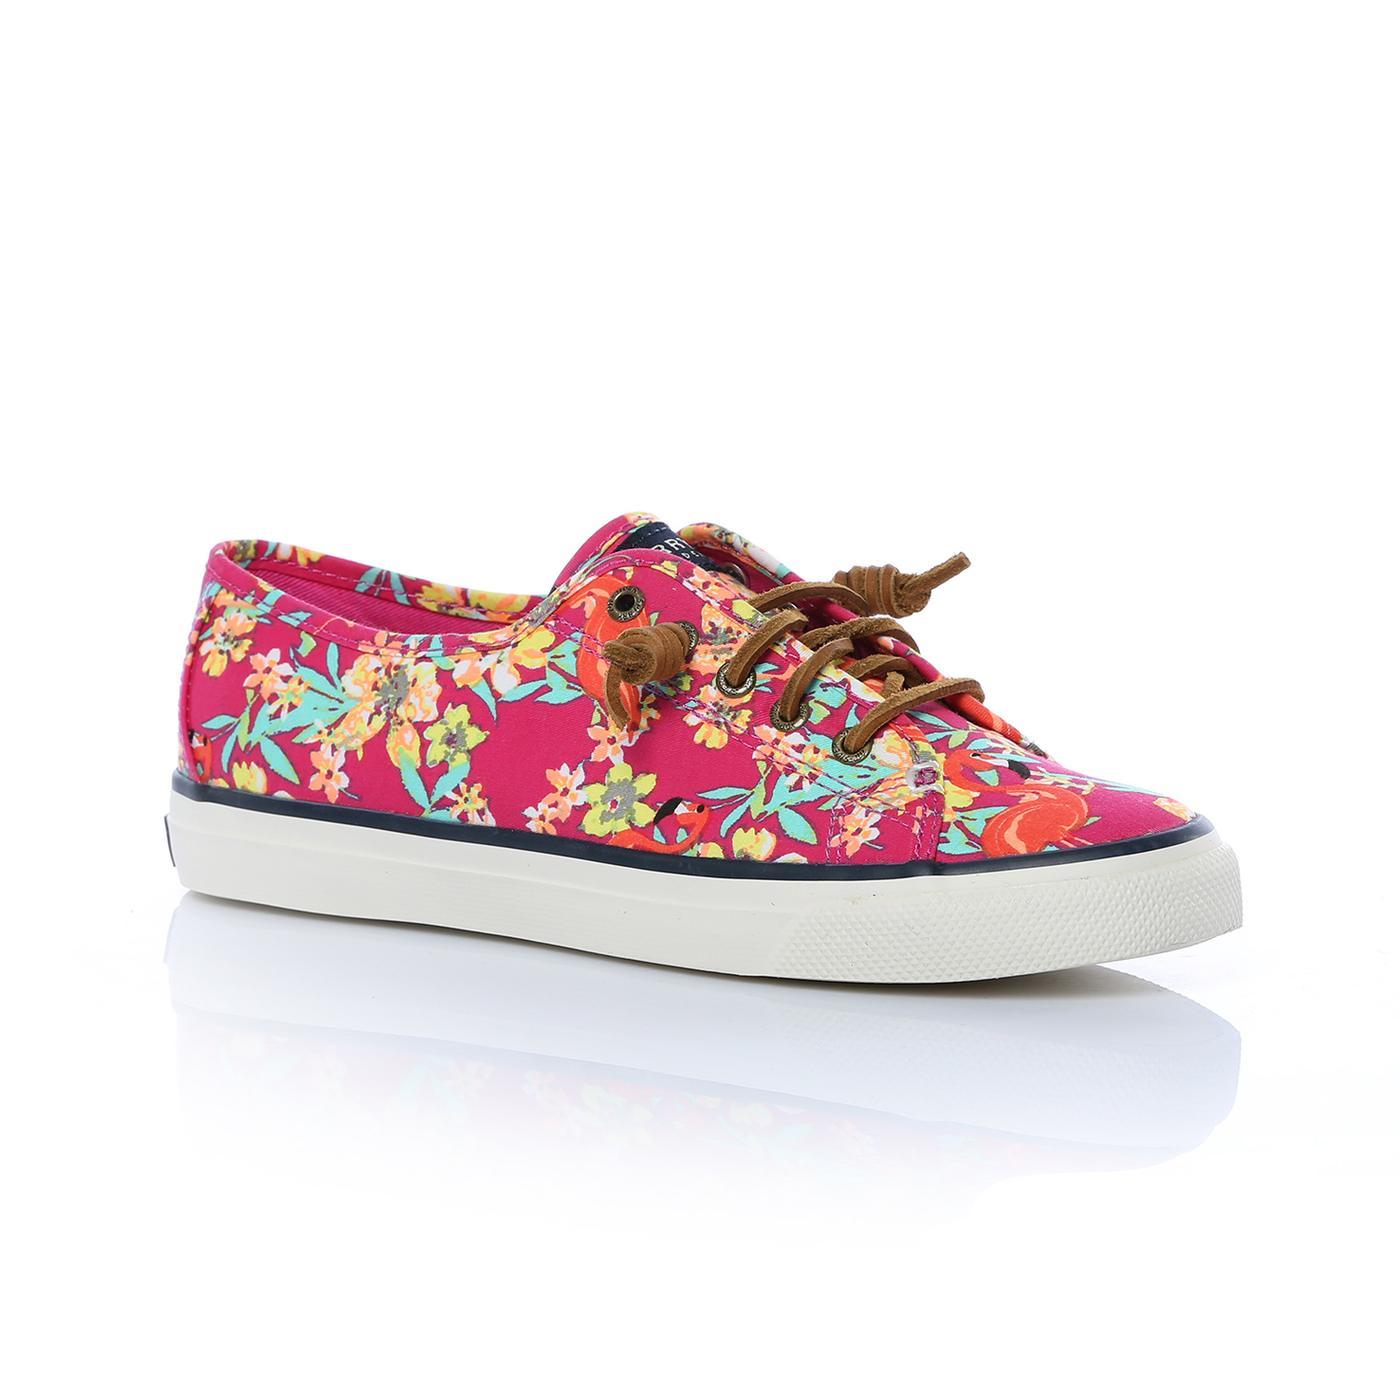 Sperry Seacoast Prınts Kadın Renkli Sneaker